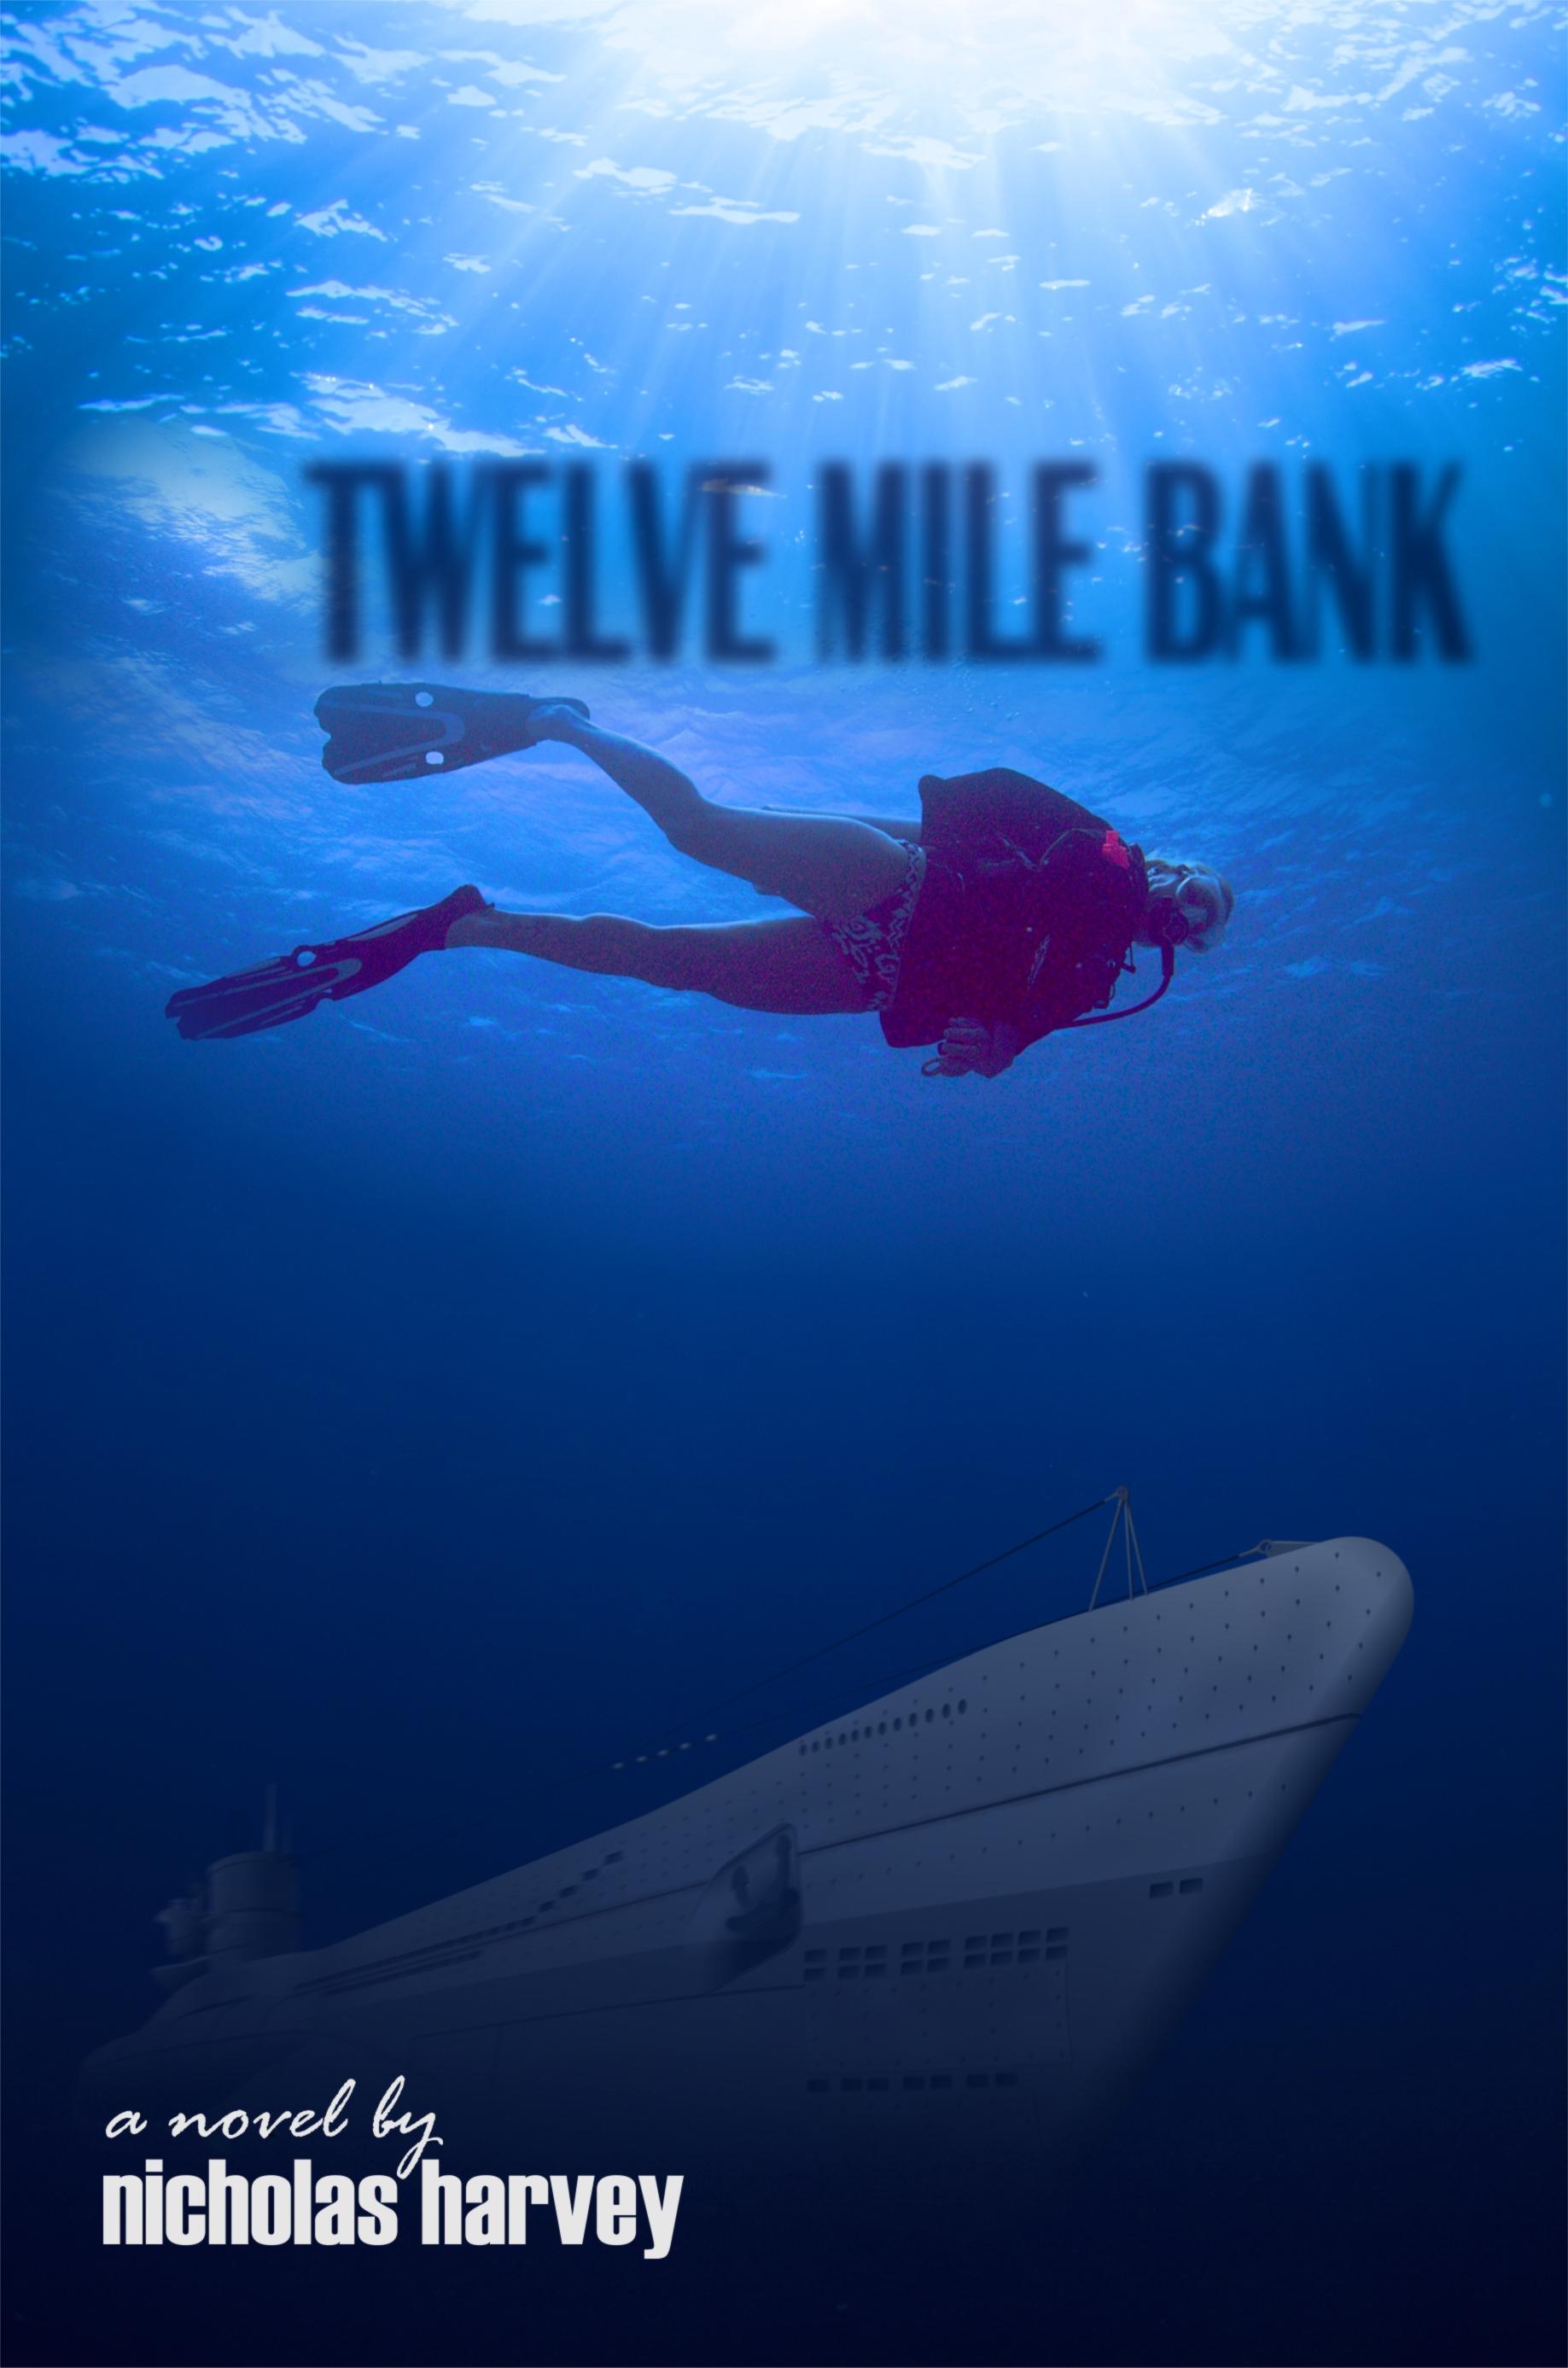 twelve mile bank.jpg